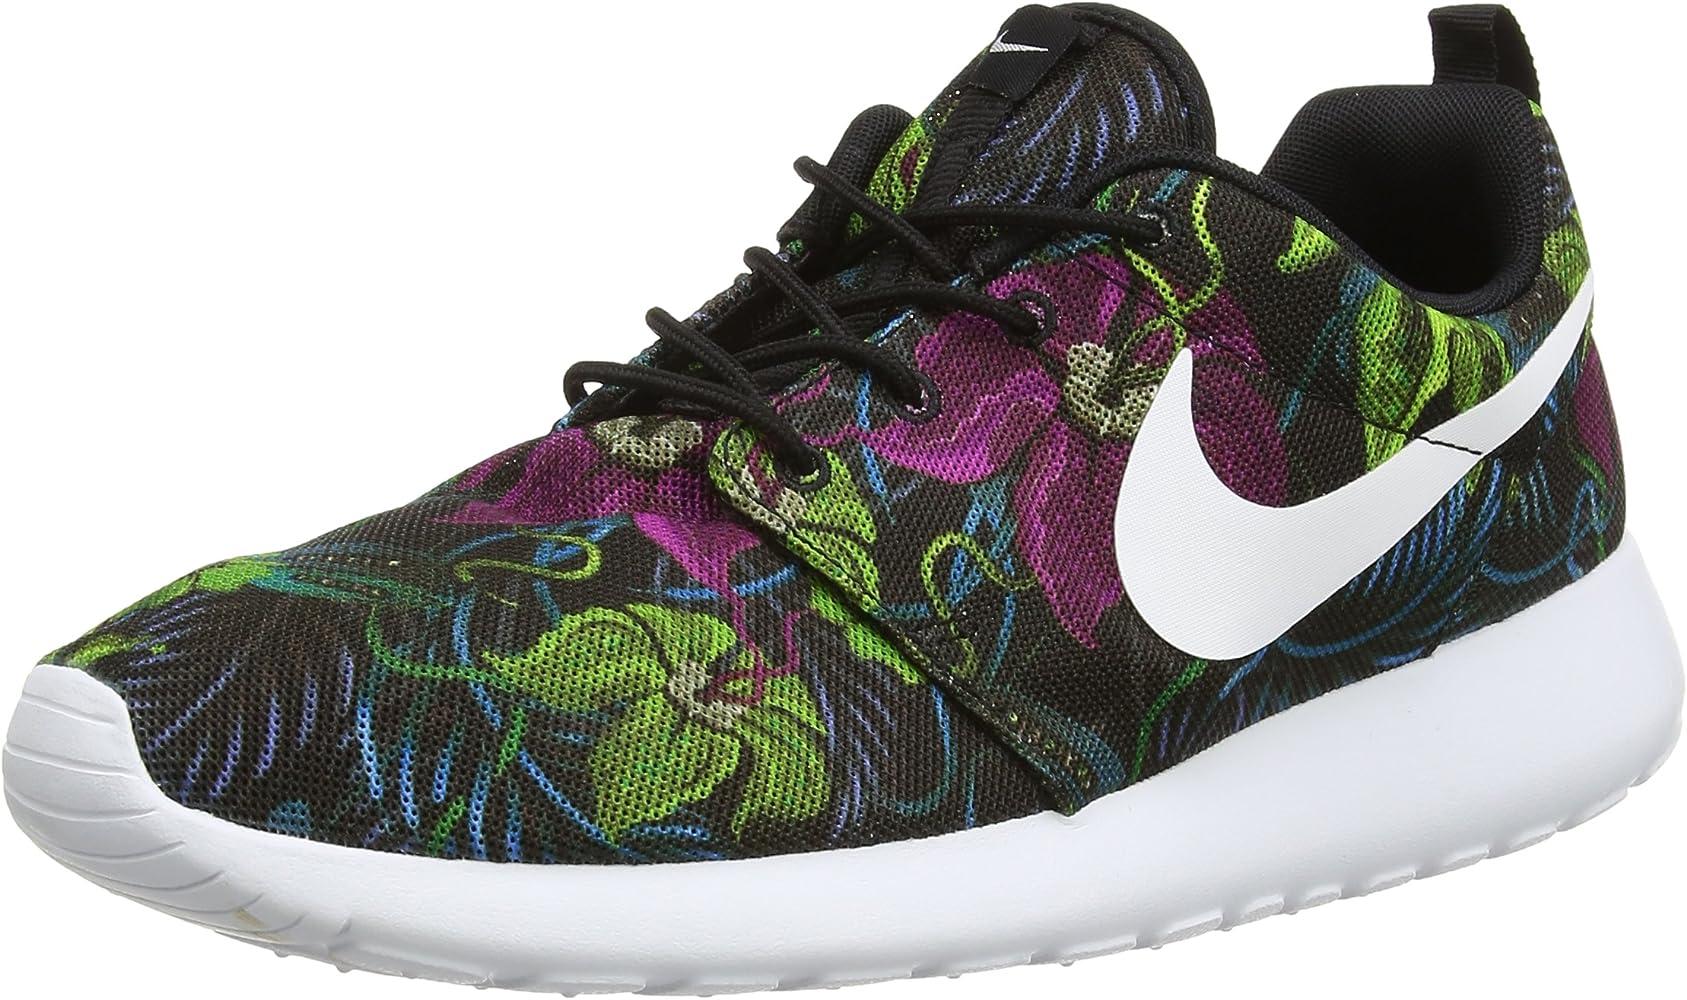 Giày Nike Air Max 90, Giá cập nhật 2 giờ trước Trang 8